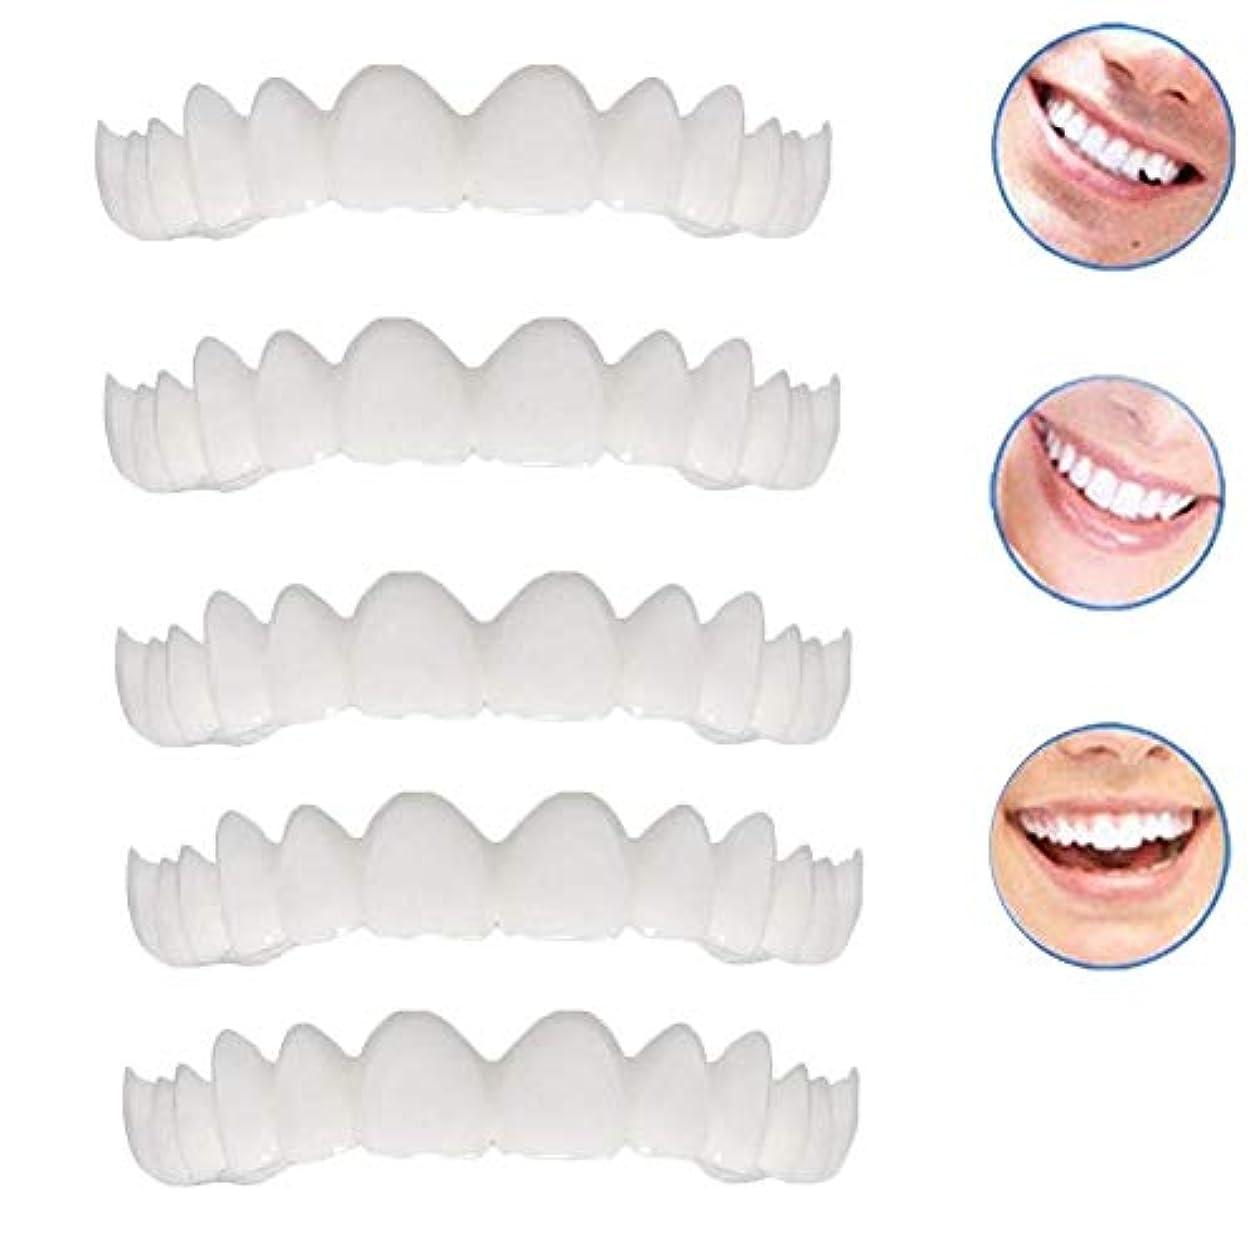 抑圧者推定するオプション2本の偽のベニヤ修正歯のトップホワイトニング化粧品義歯修正のための悪い歯のための新しいプロの笑顔のベニヤ